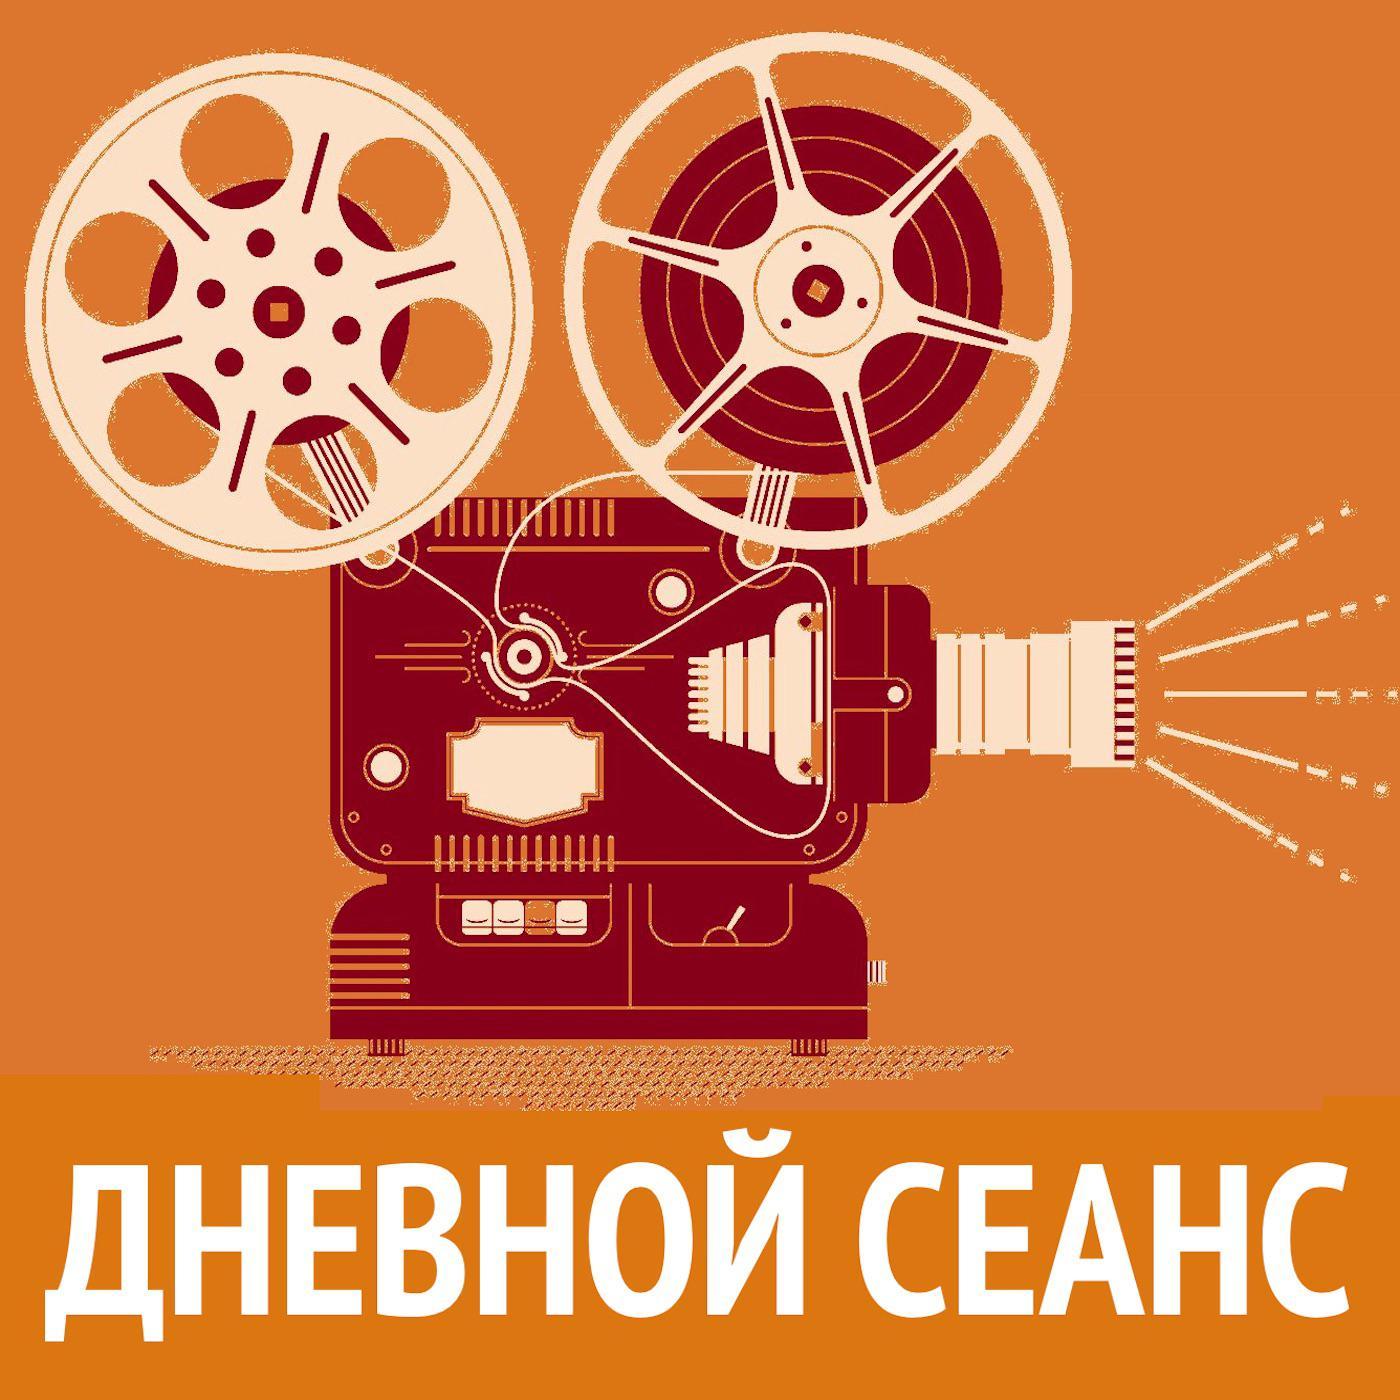 Русский голос Джеймса Бонда